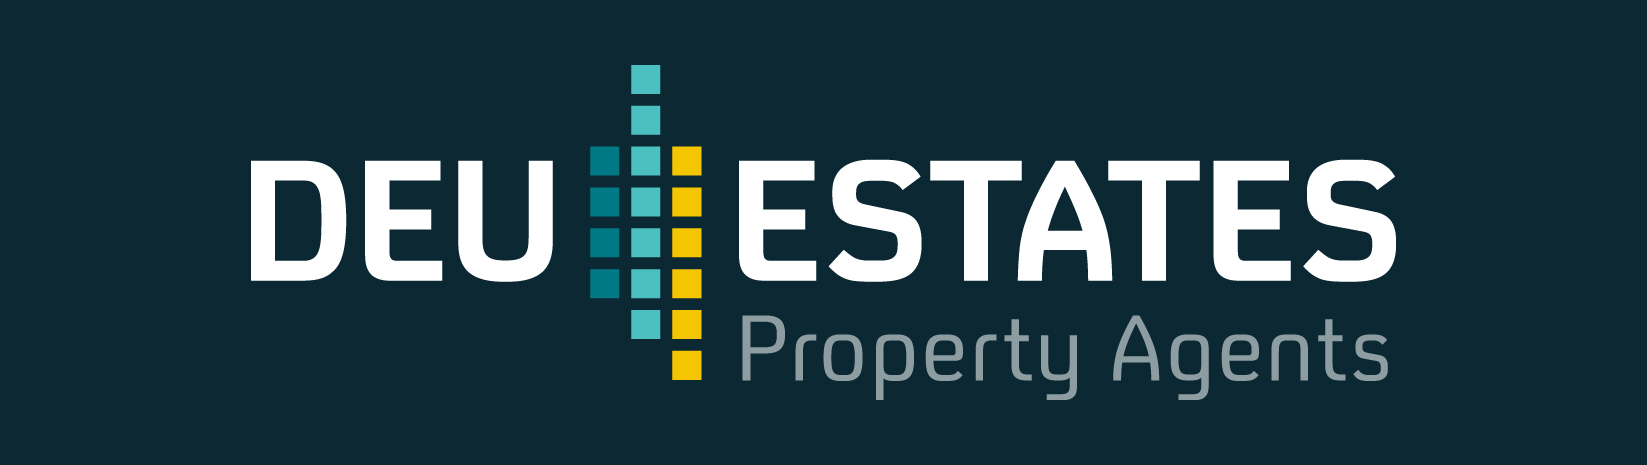 Read DEU Estates Reviews